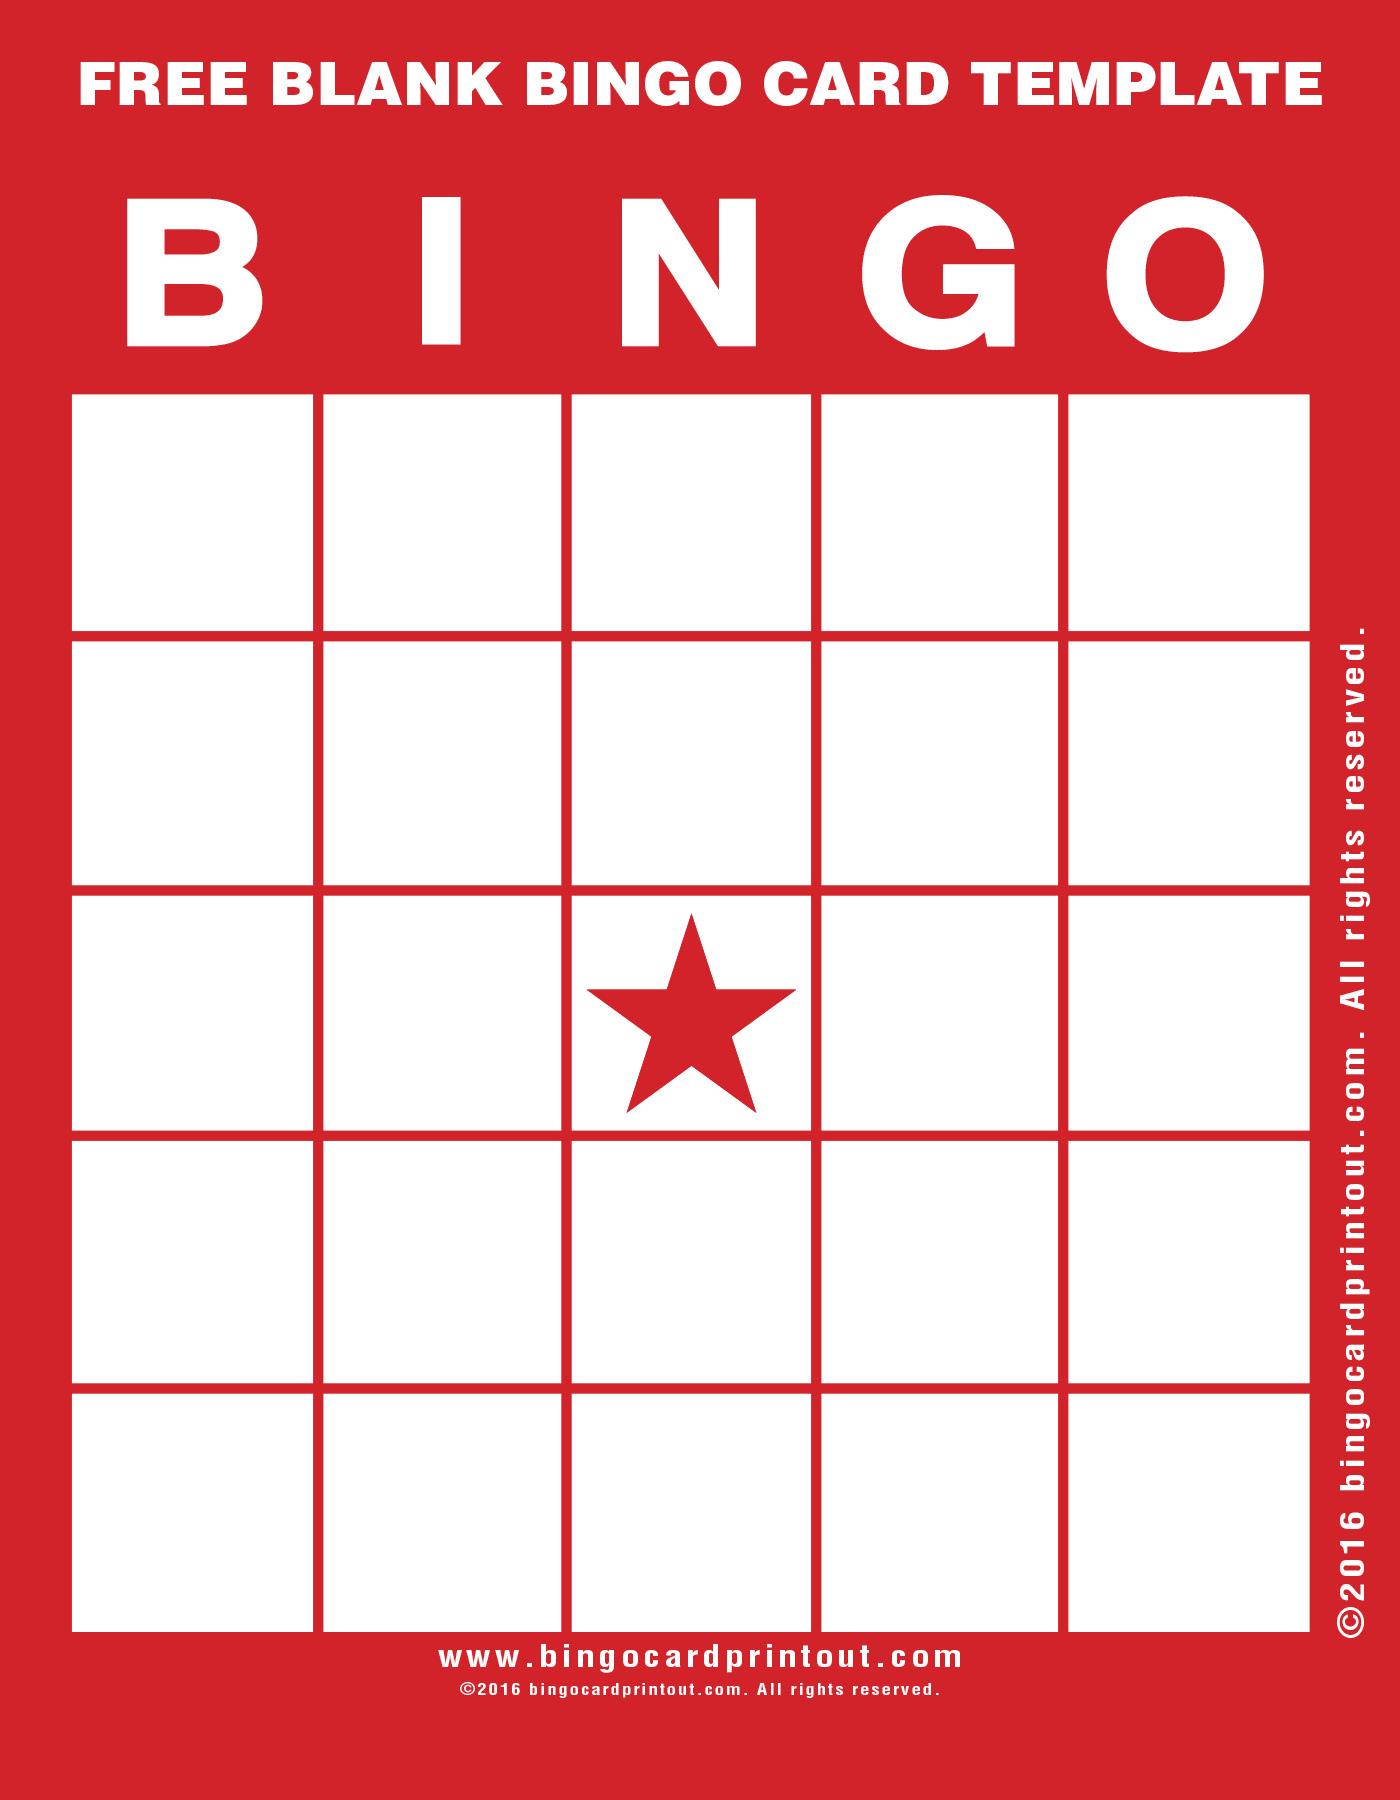 Blank Bingo Cards Template – Sample Bingo Card Template